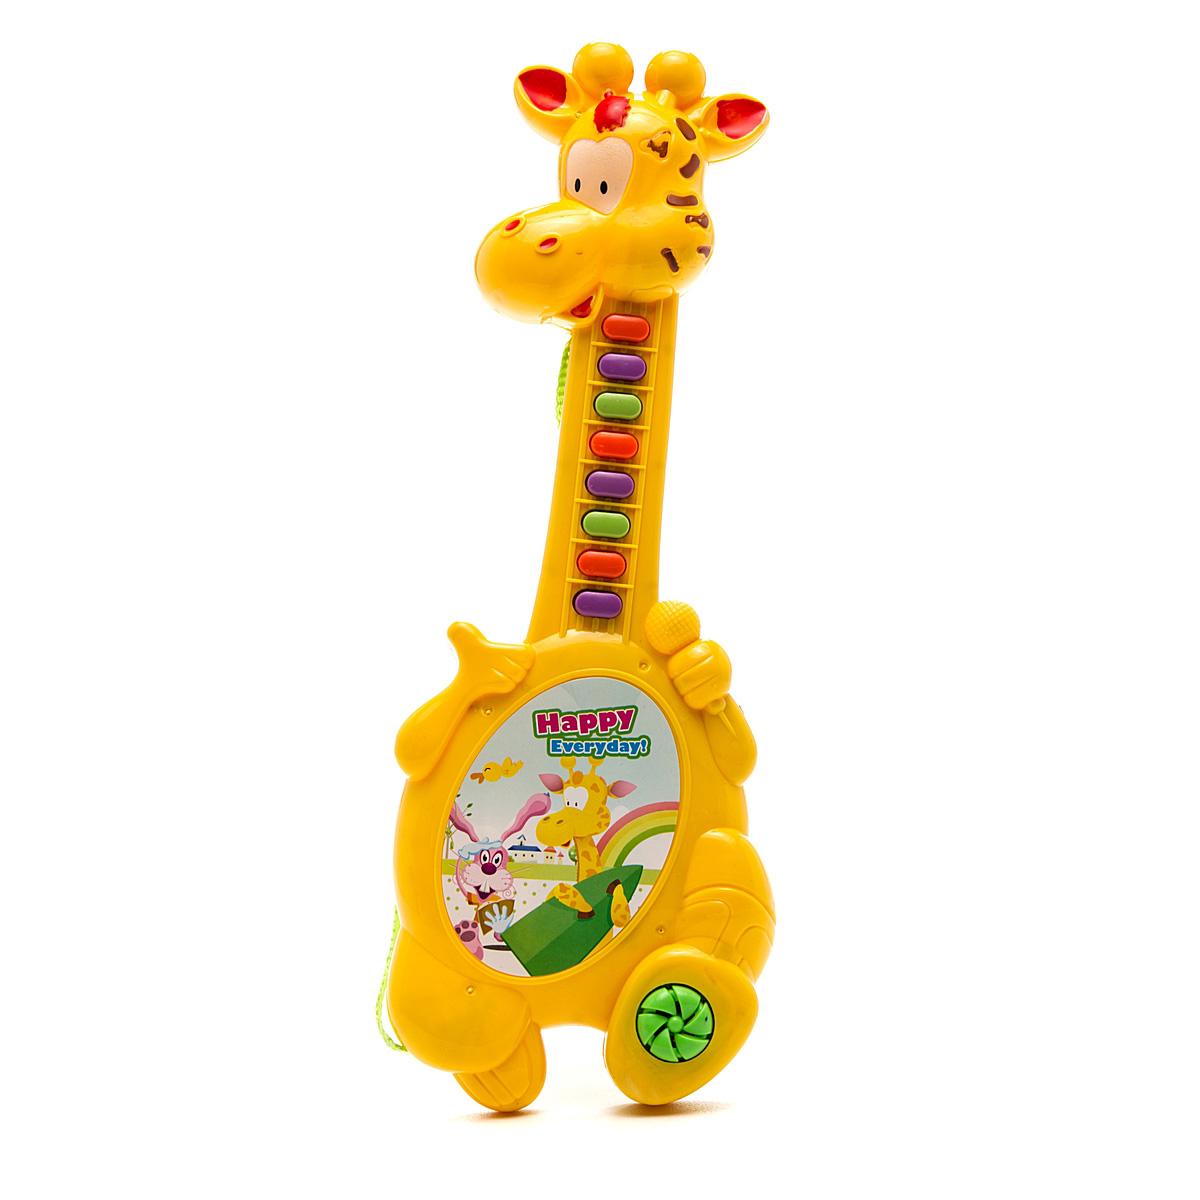 Игрушка музыкальная - Жираф, озвученнаяГитары<br>Игрушка музыкальная - Жираф, озвученная<br>